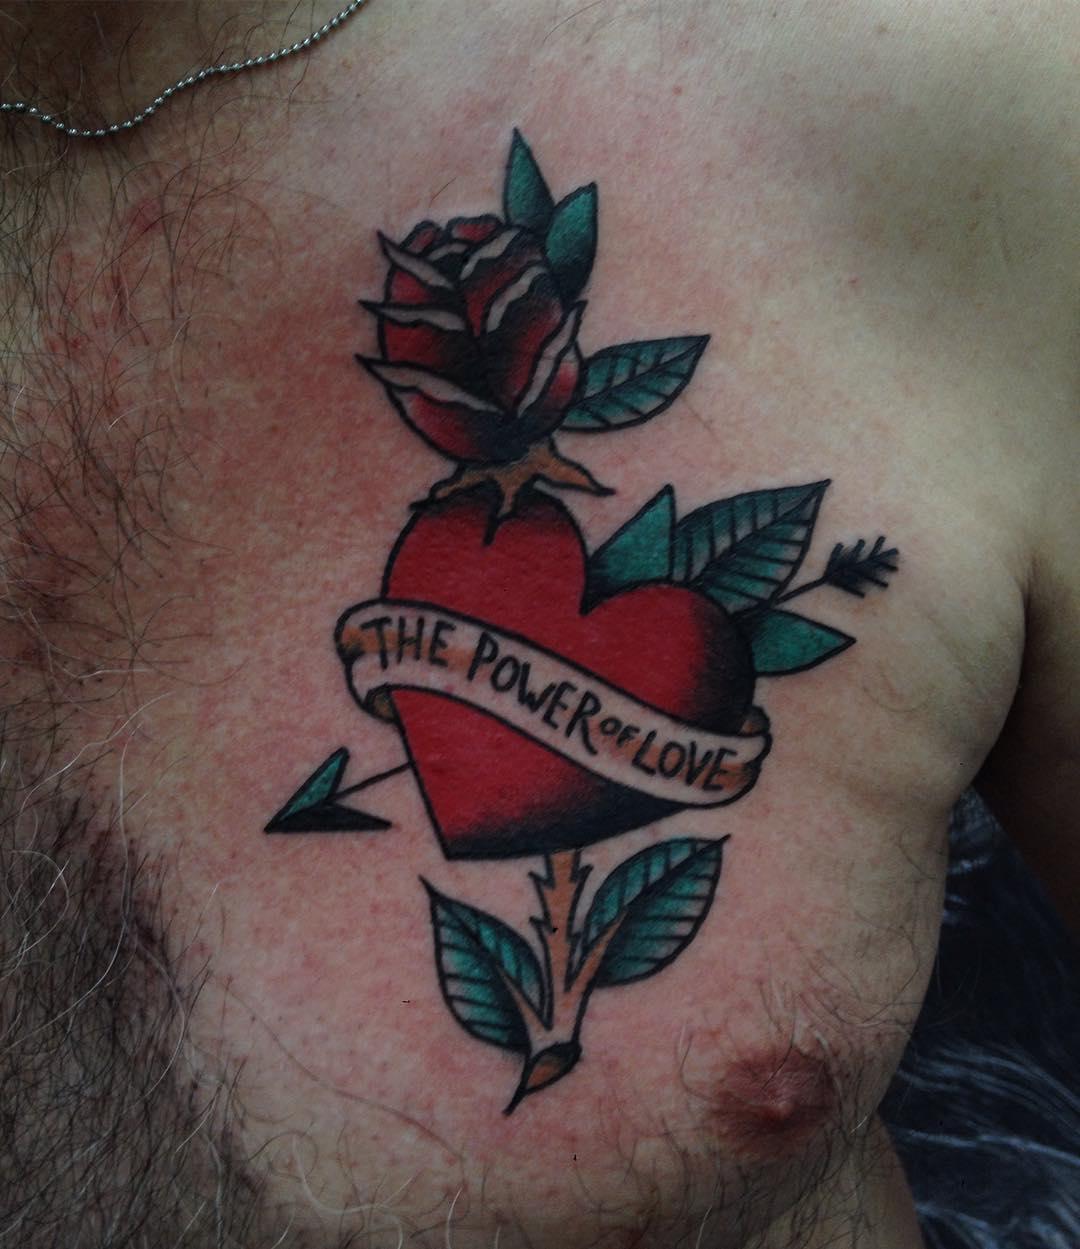 95+ Best Heart Tattoo Designs & Meanings - True Love (2018)